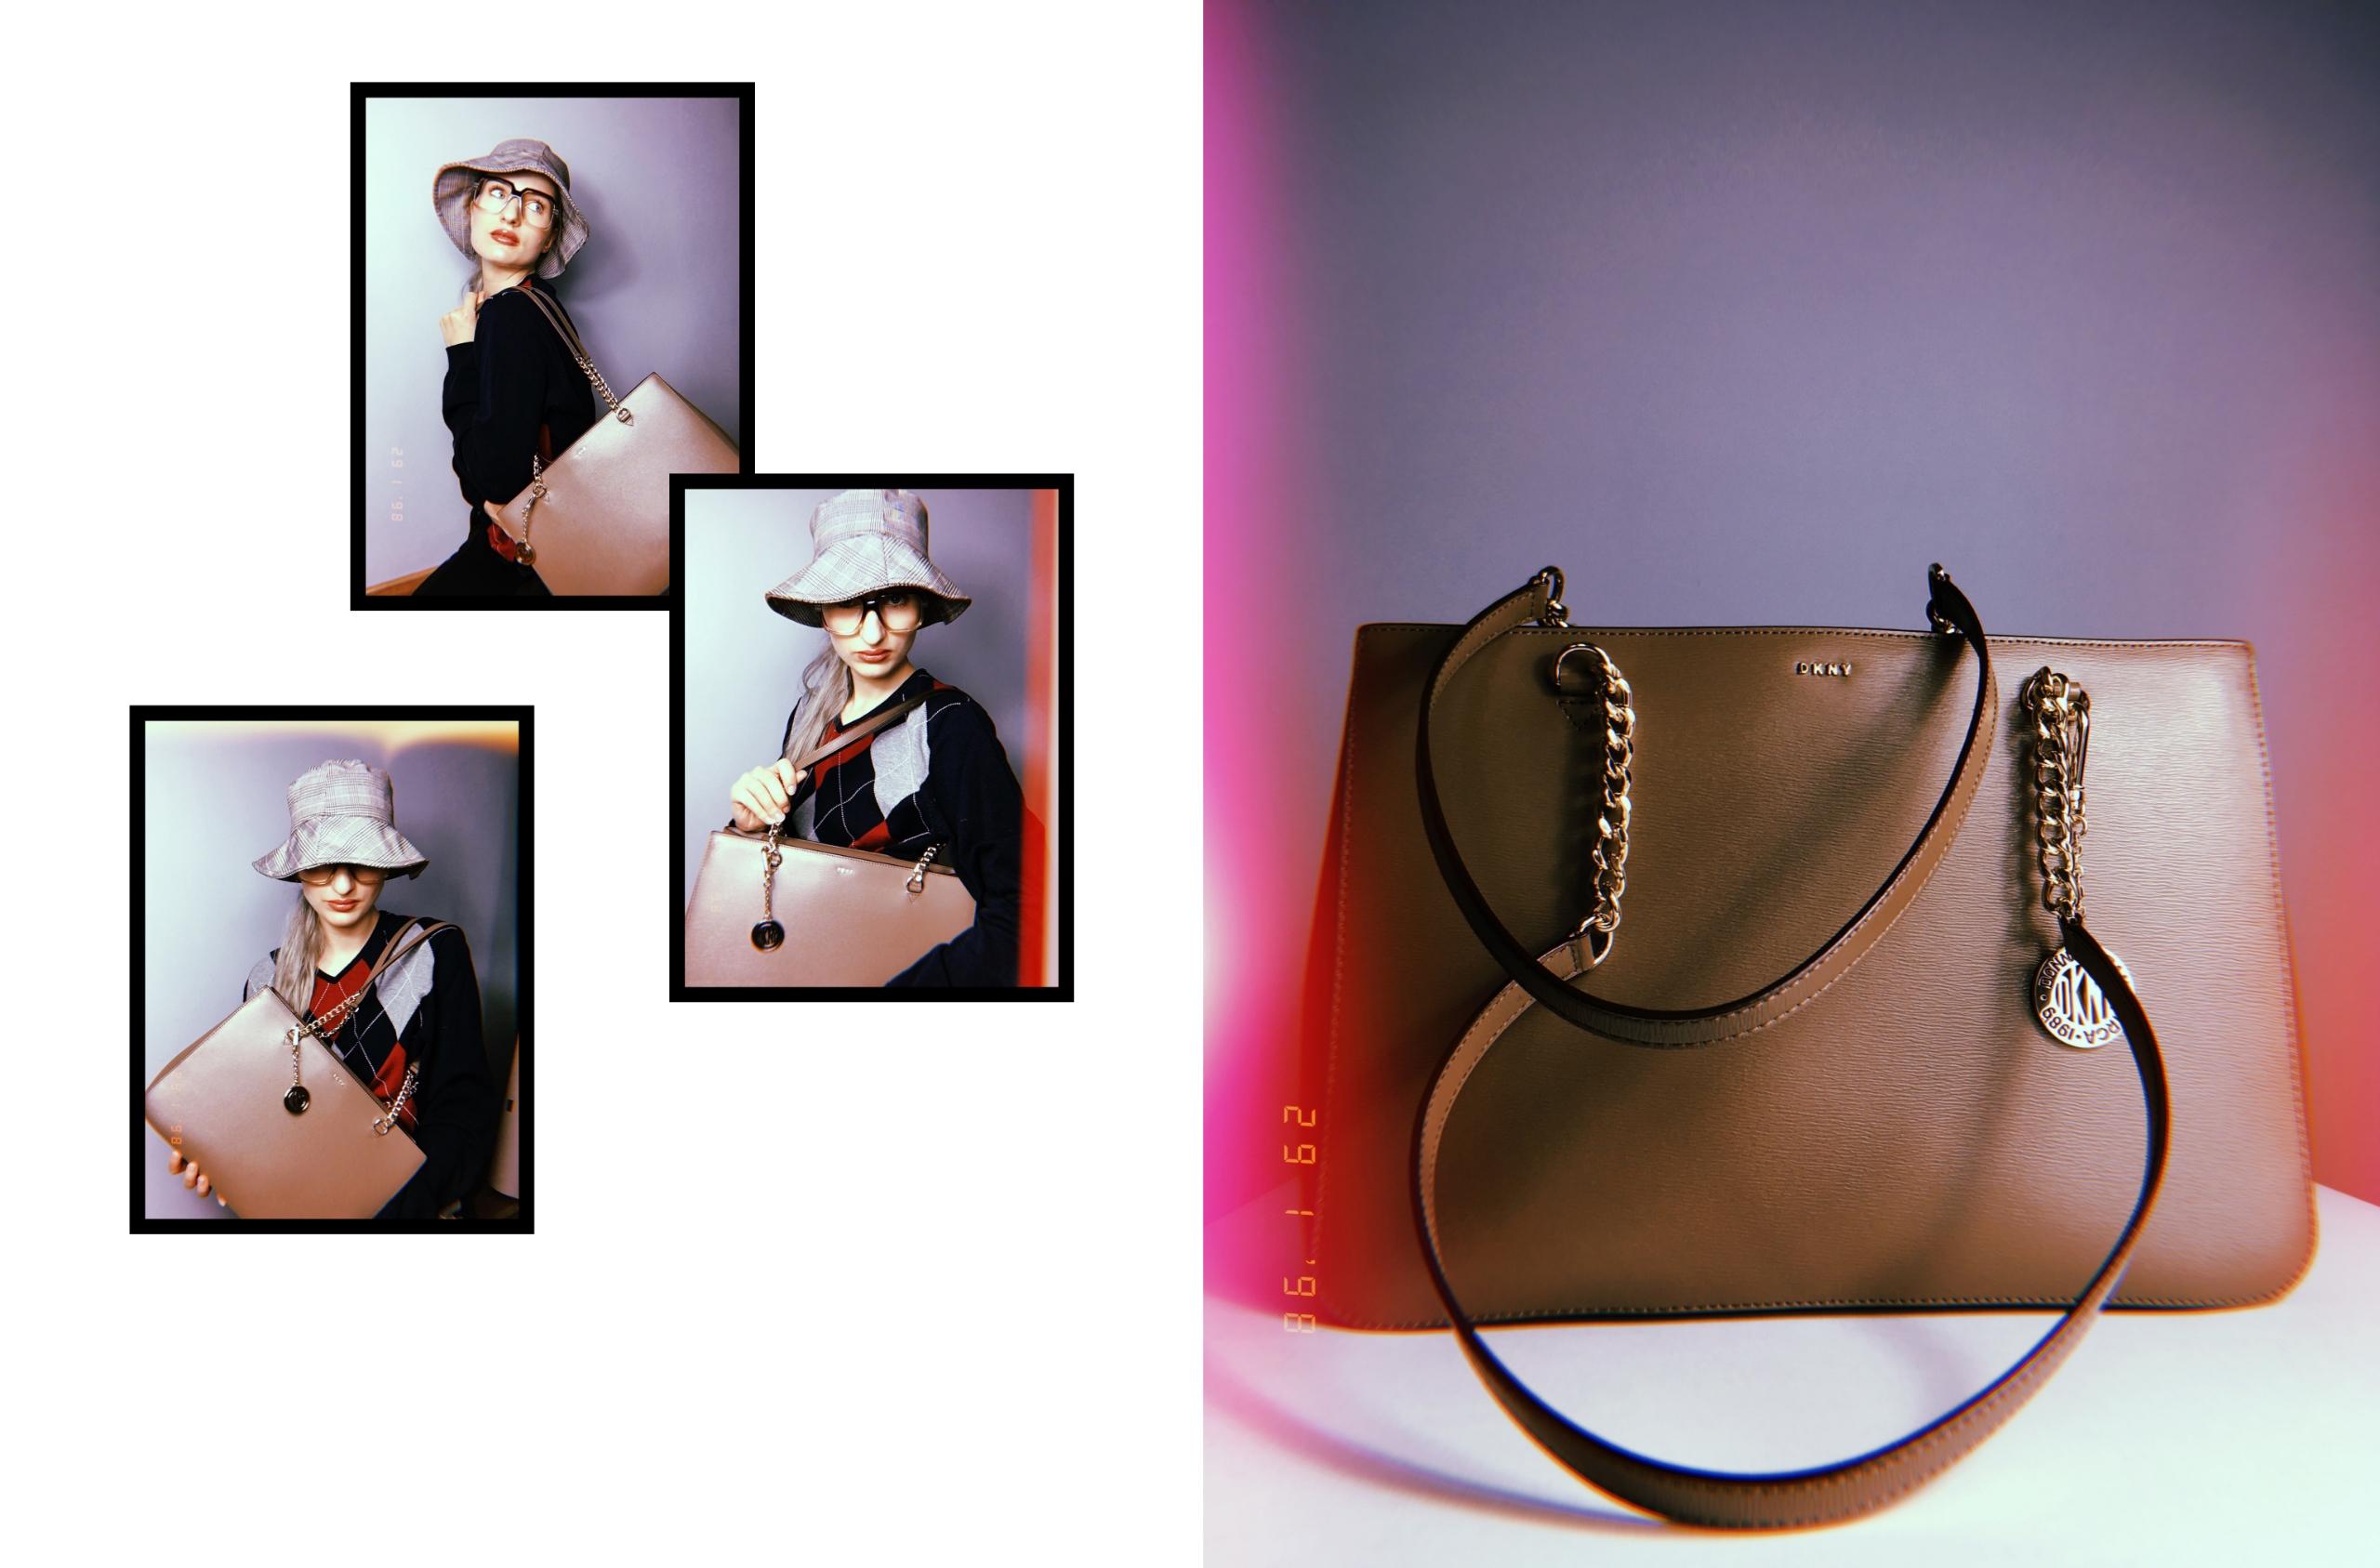 Obraz przedstawia cztery zdjęcia, jedno dużej wielkości trzy mniejszej wielkości. Z lewej strony widzimy zdjęcie torebki, z prawej małe fotografie postaci.